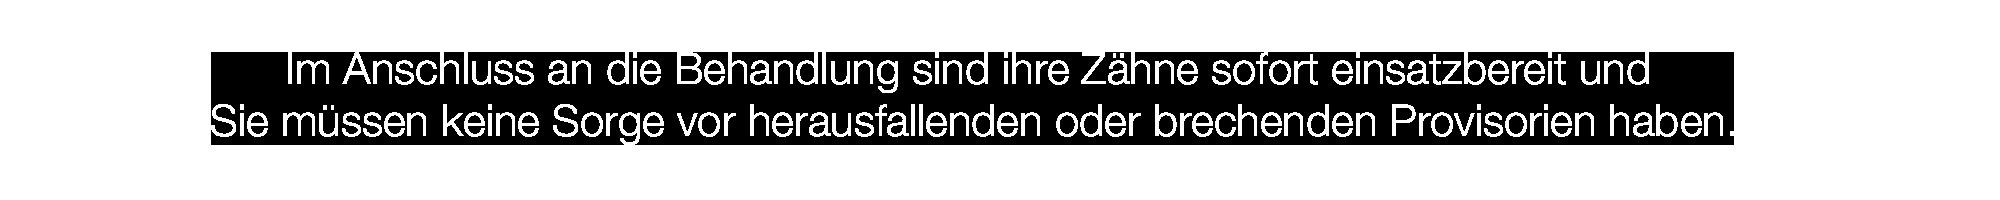 sandmann_text osnabrück